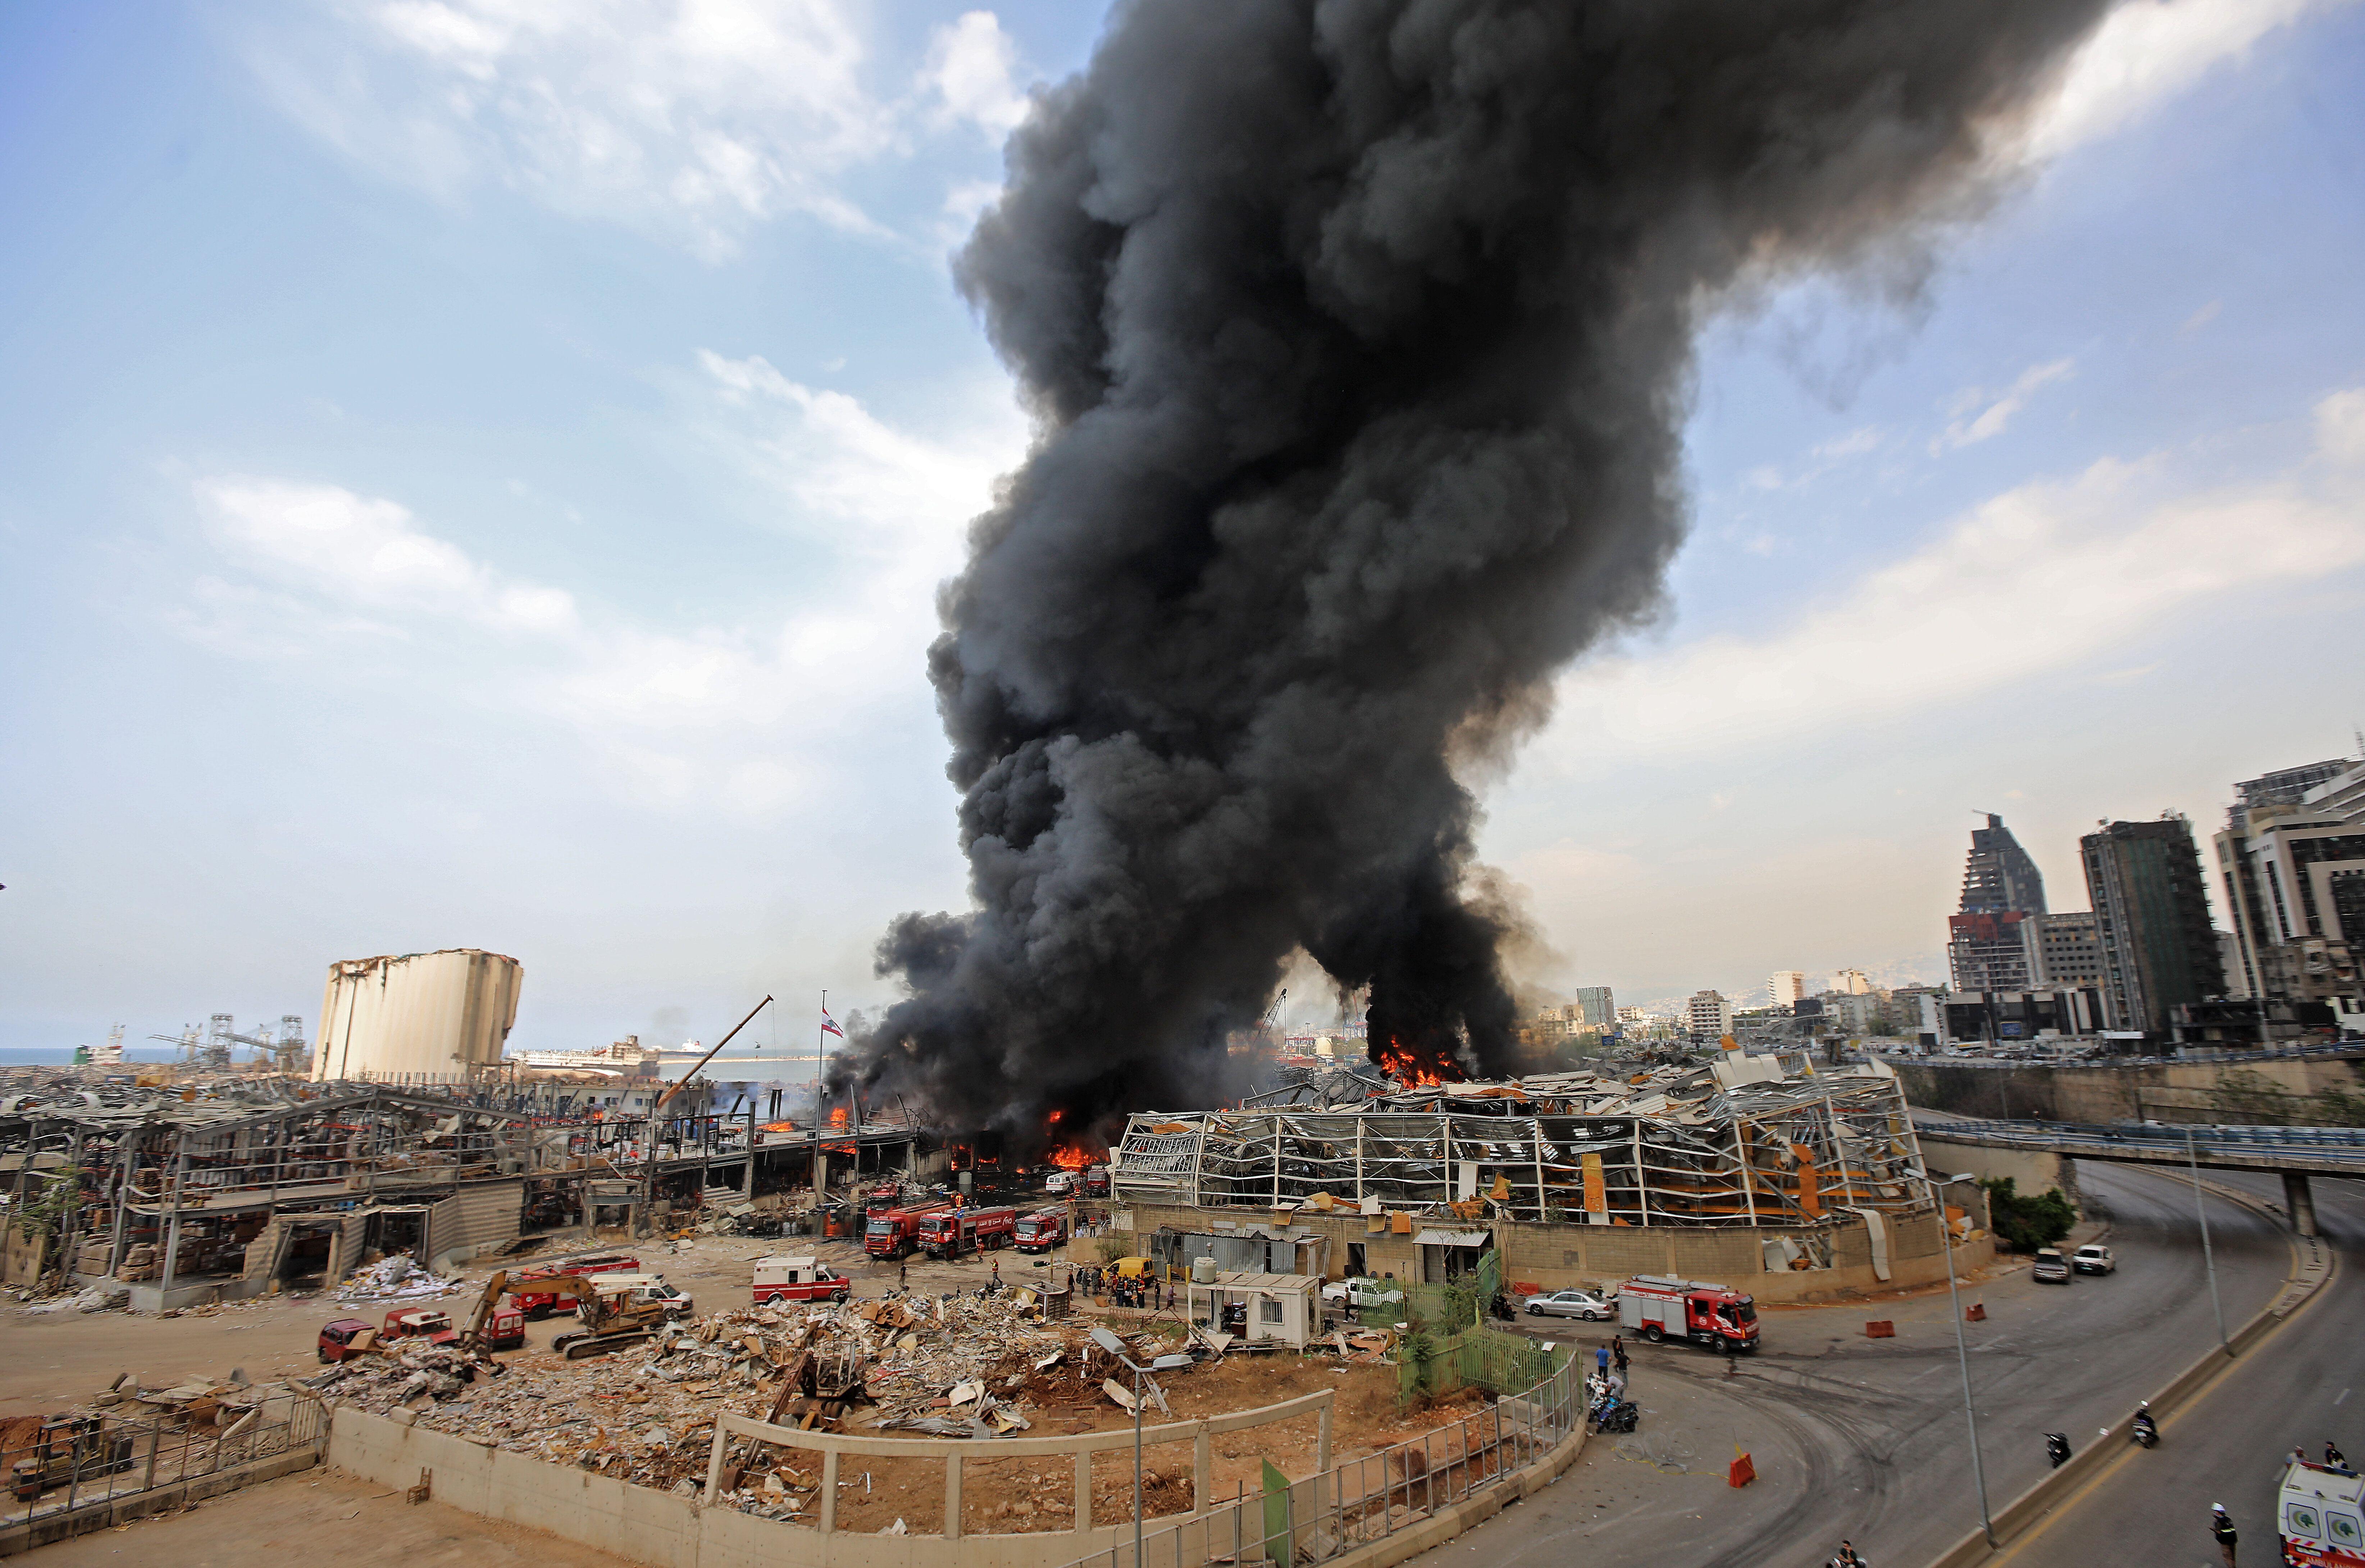 Les pompiers tentent d'éteindre un incendie qui s'est déclaré dans la zone portuaire...